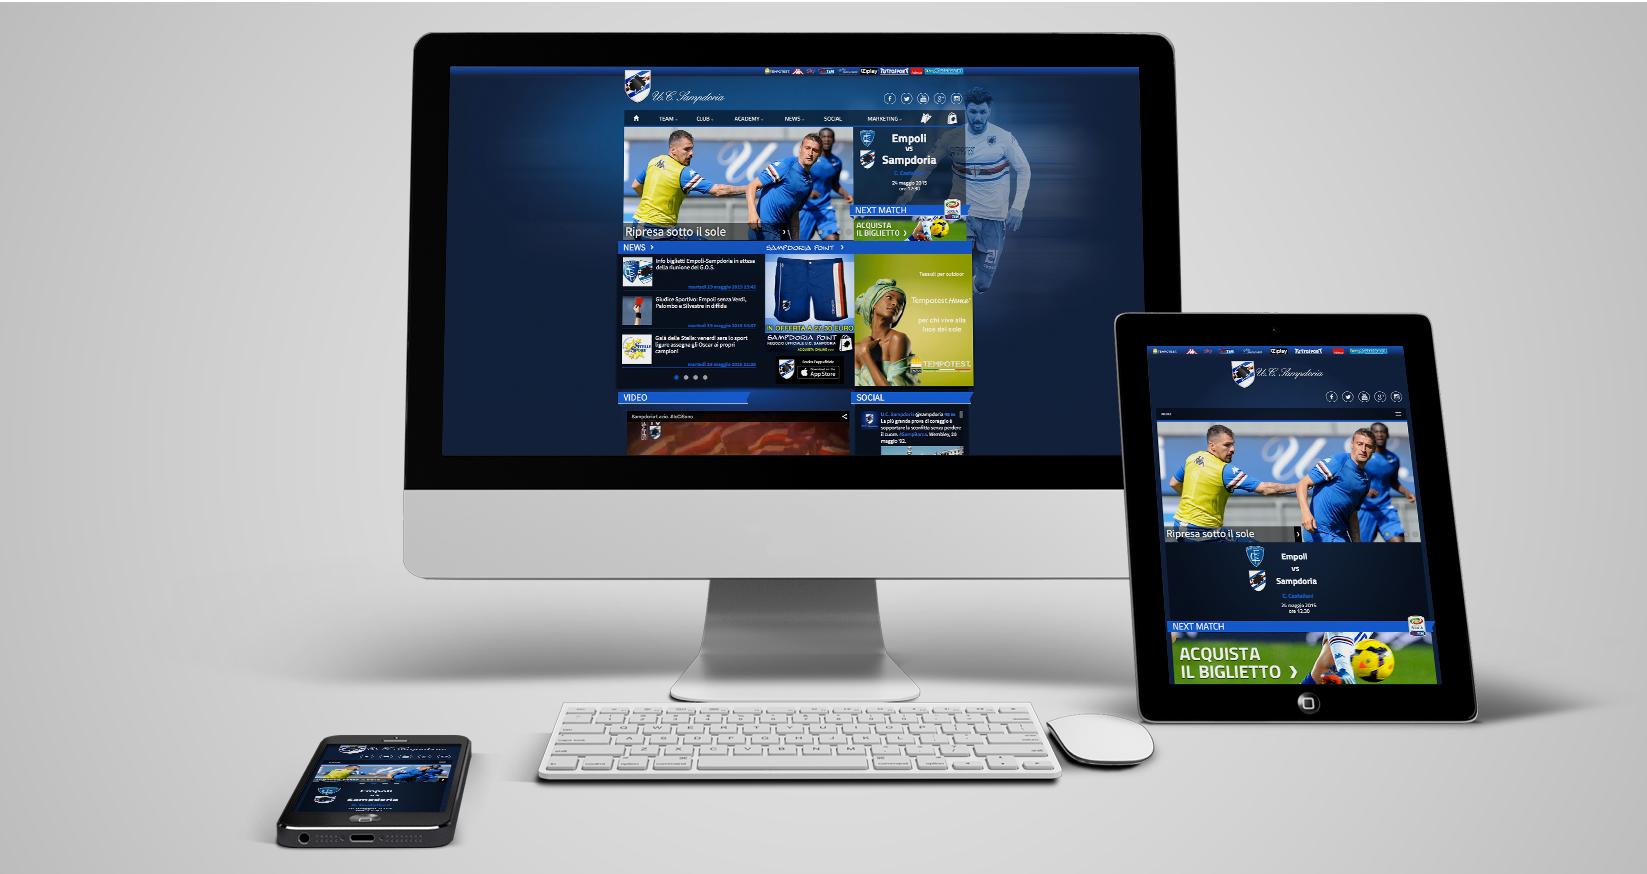 Sampdoria sito ufficiale - cover